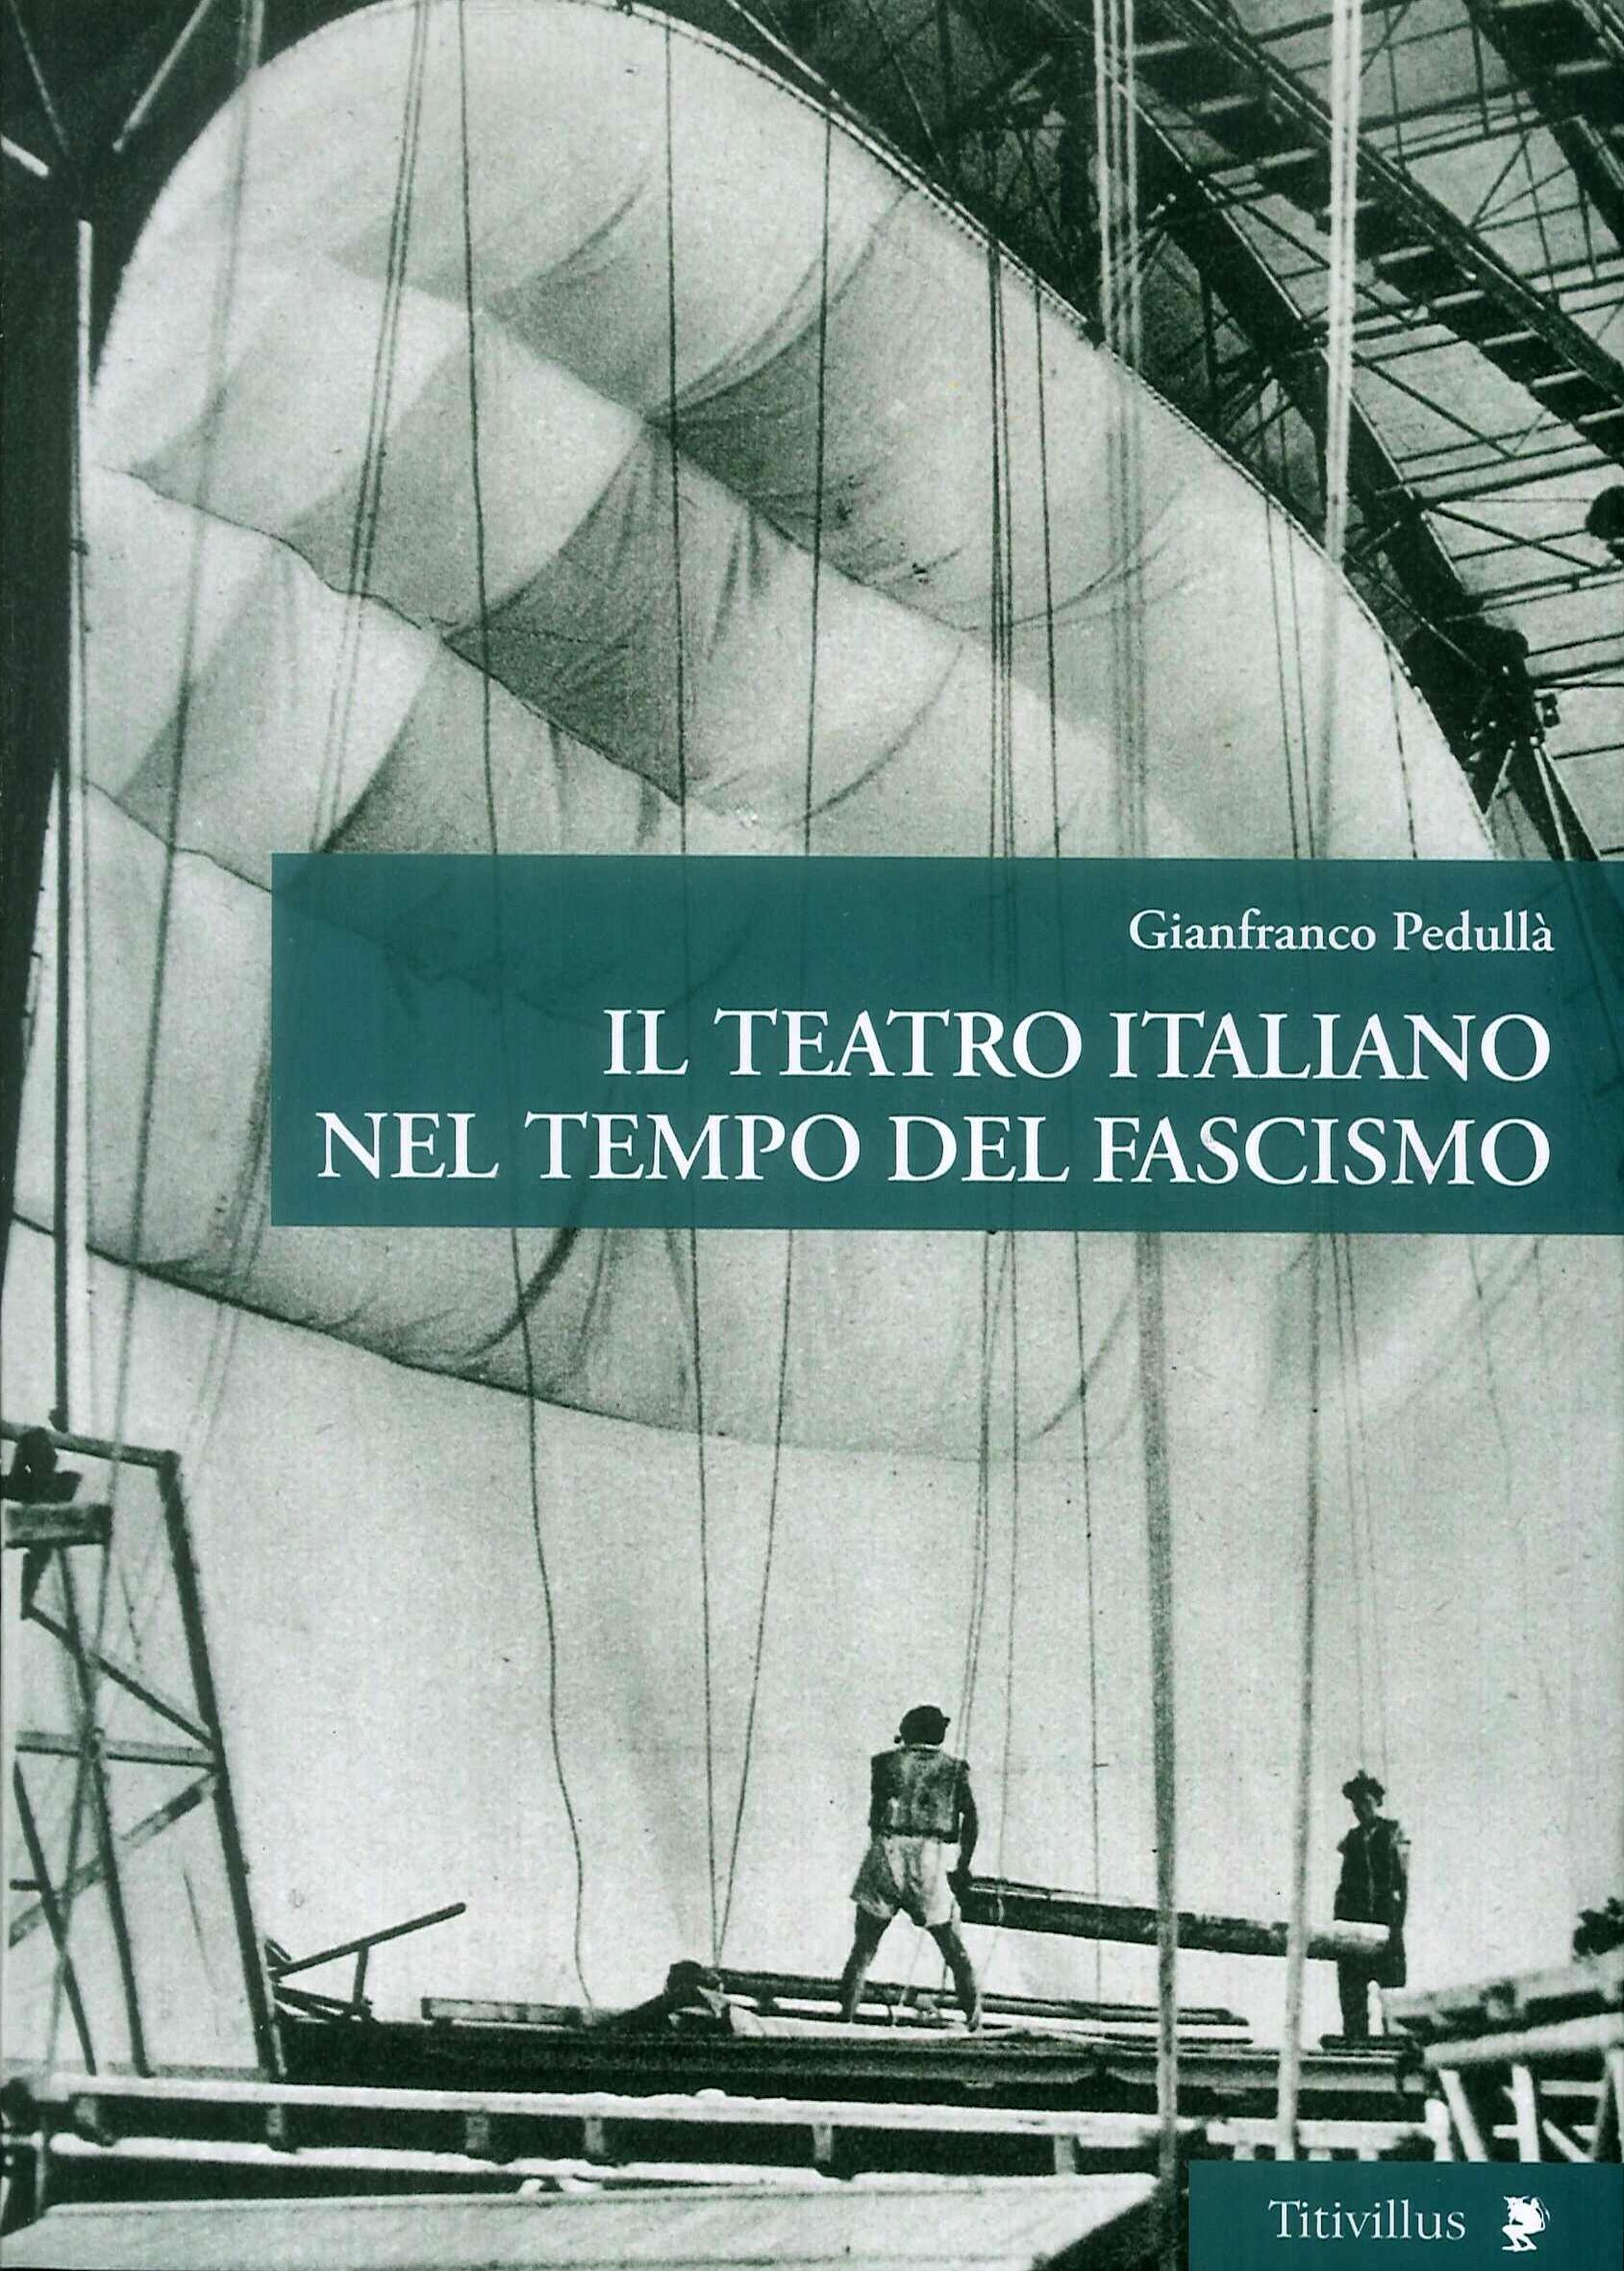 Il teatro italiano nel tempo del fascismo.